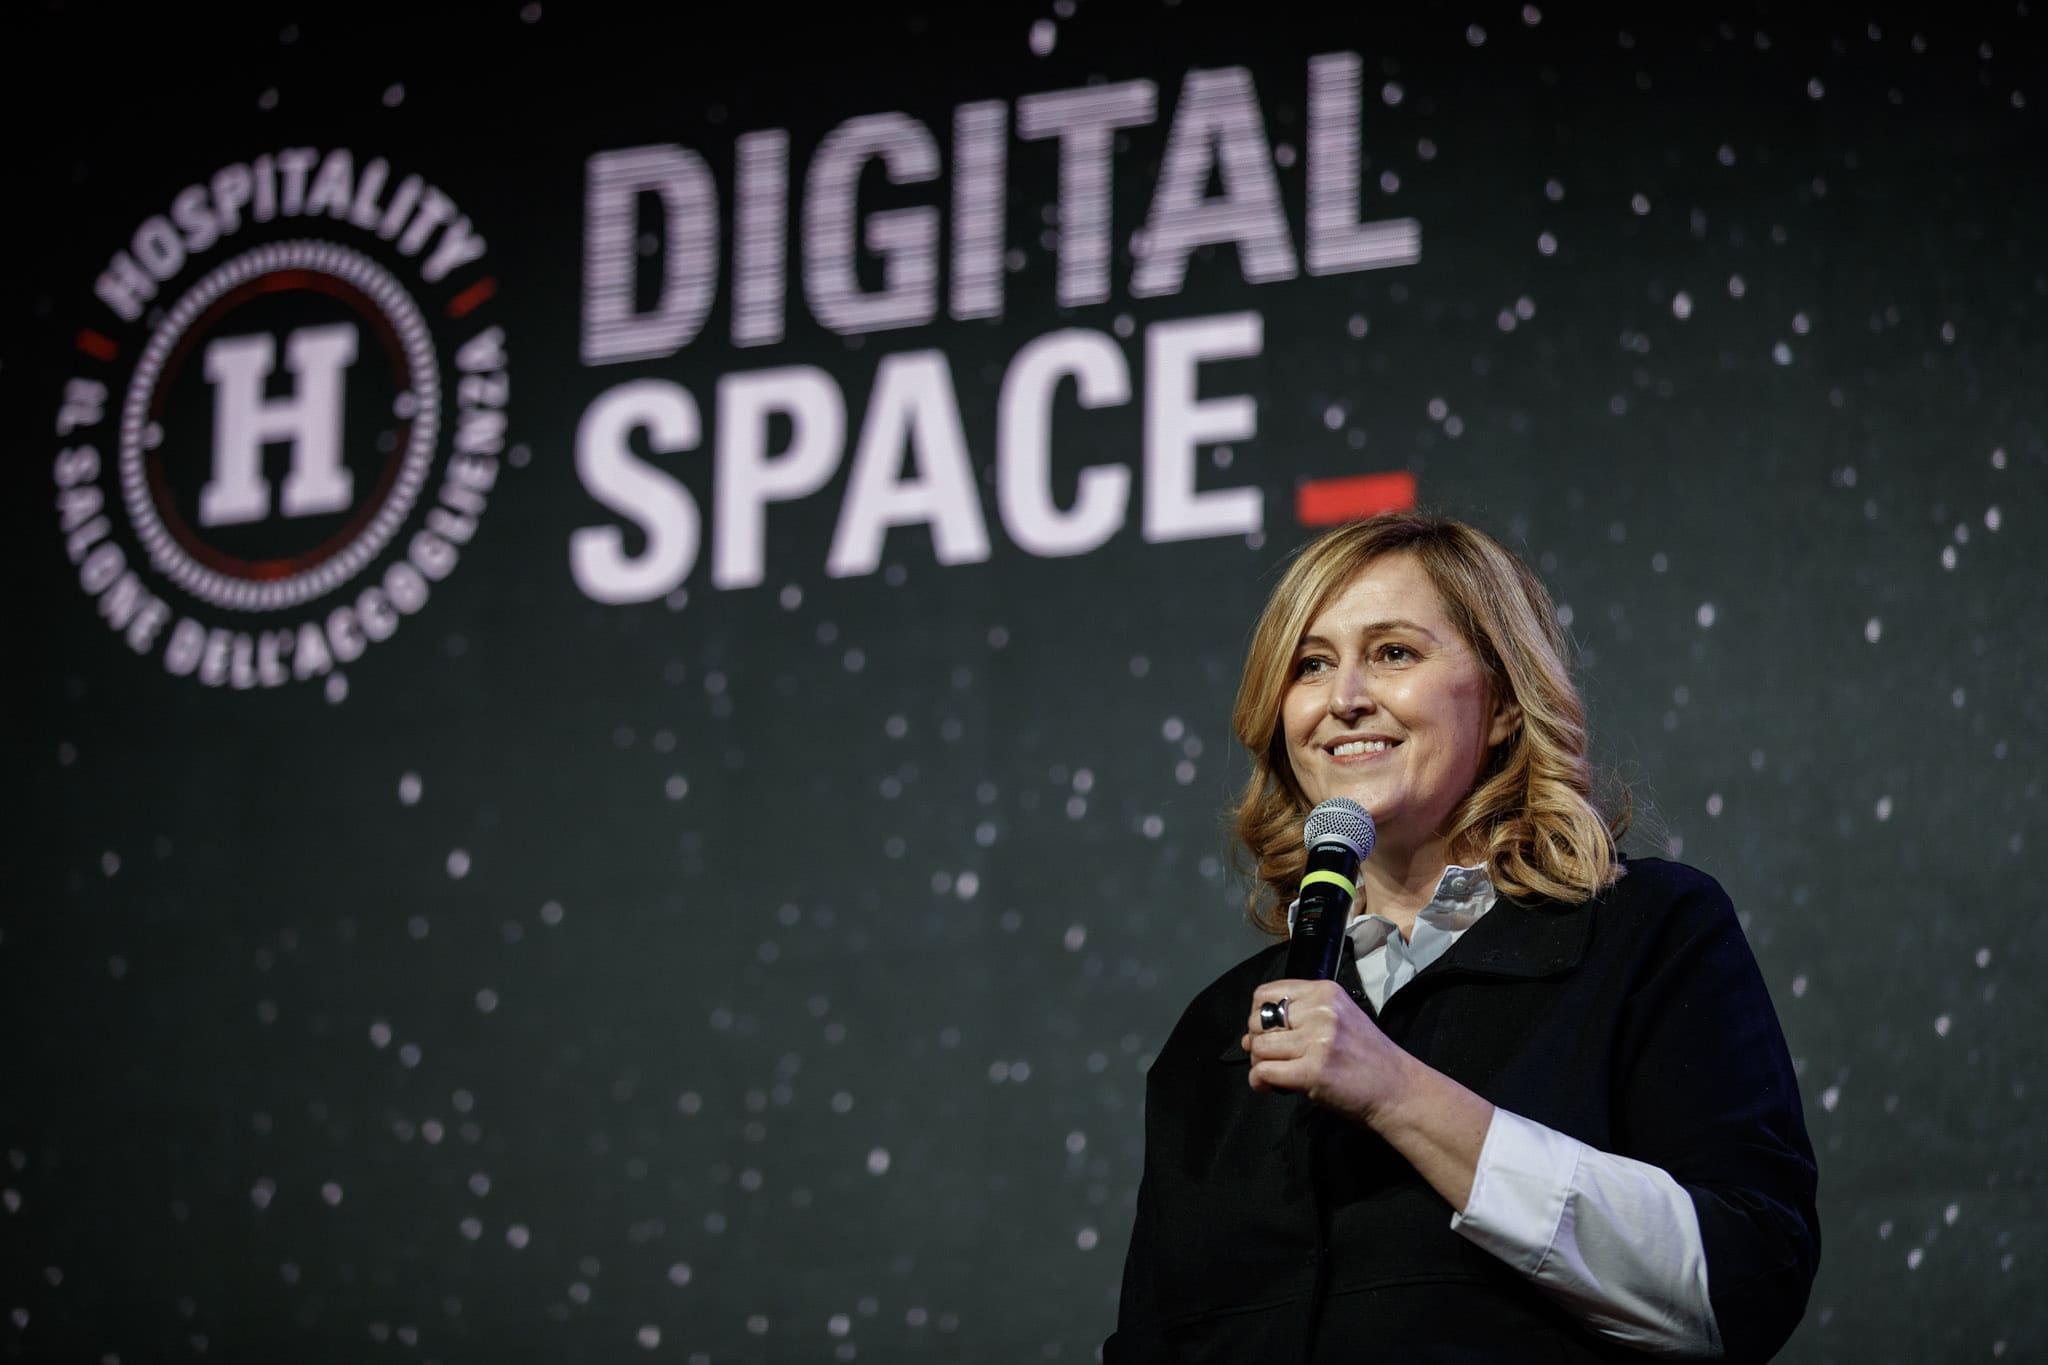 Da Hospitality Digital Space visione olistica e benessere per l'ospitalità del futuro